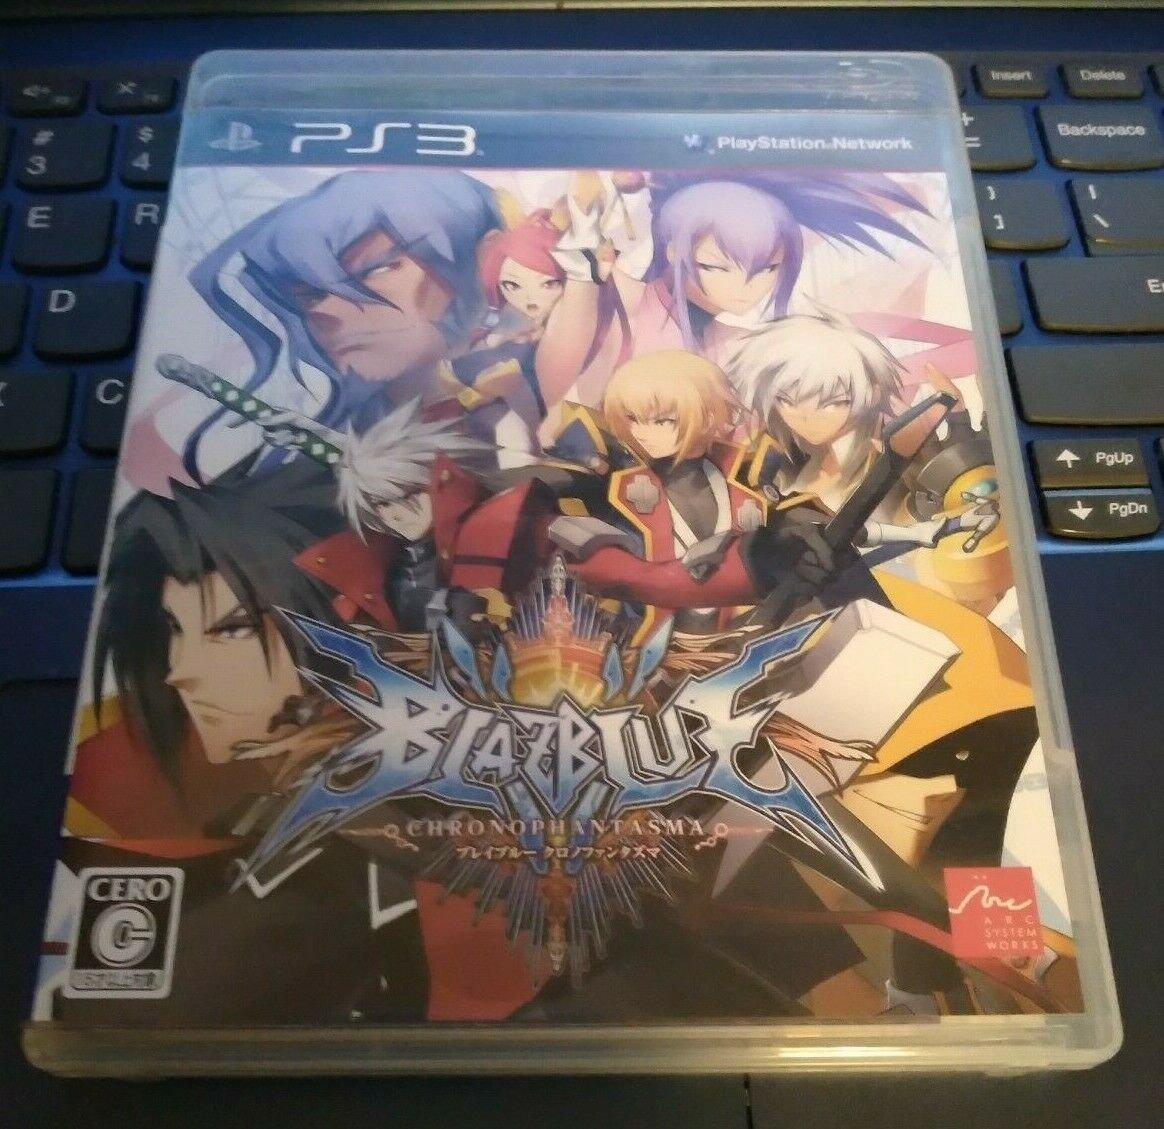 BlazBlue: Chrono Phantasma ( Sony PlayStation 3 ) With Manual Japan Import PS3